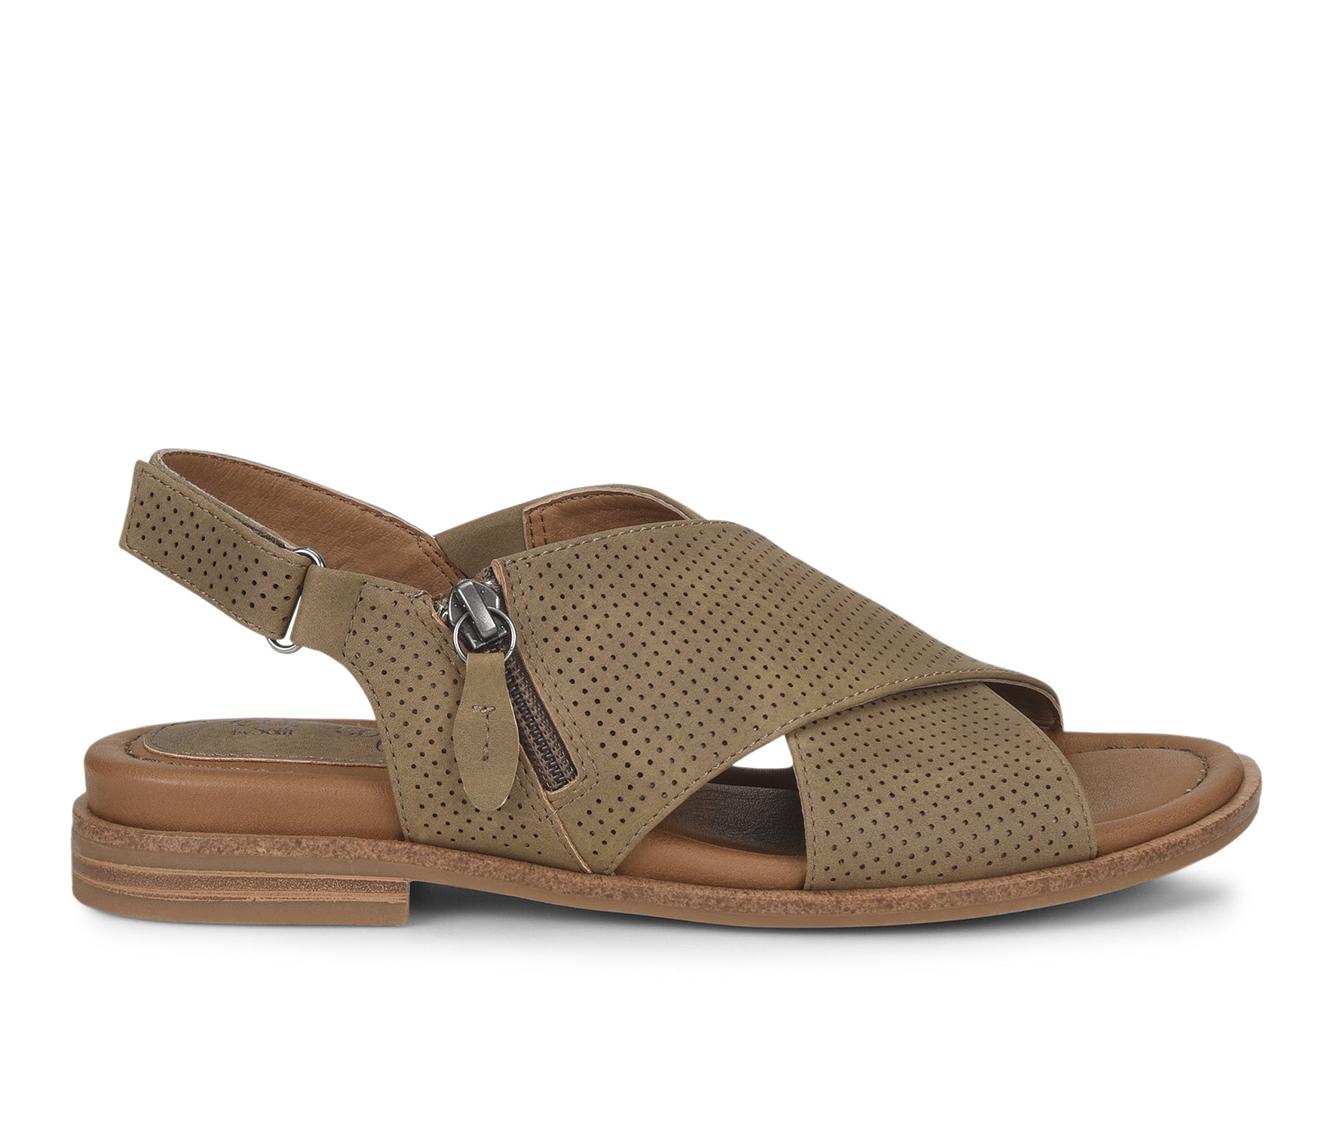 EuroSoft Darla Women's Sandal (Beige Faux Leather)